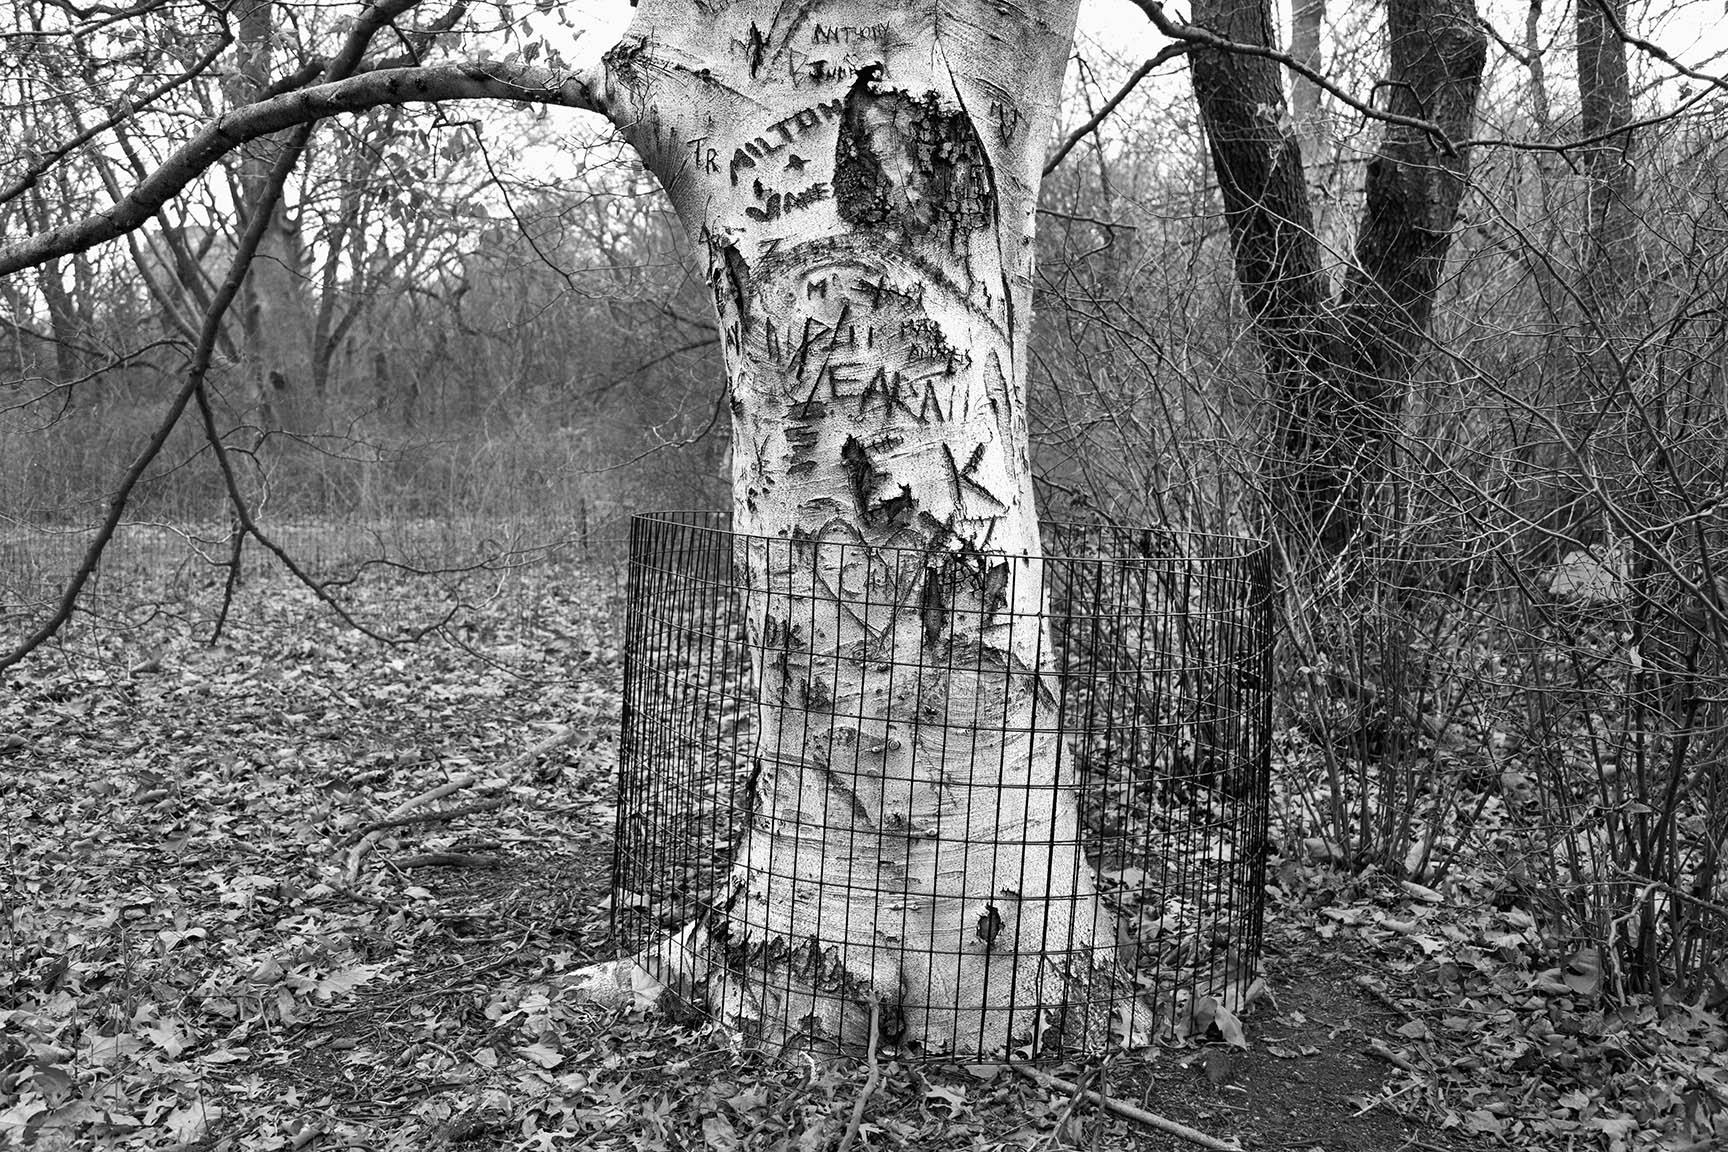 40_Tattoo Tree_7502-BLOG